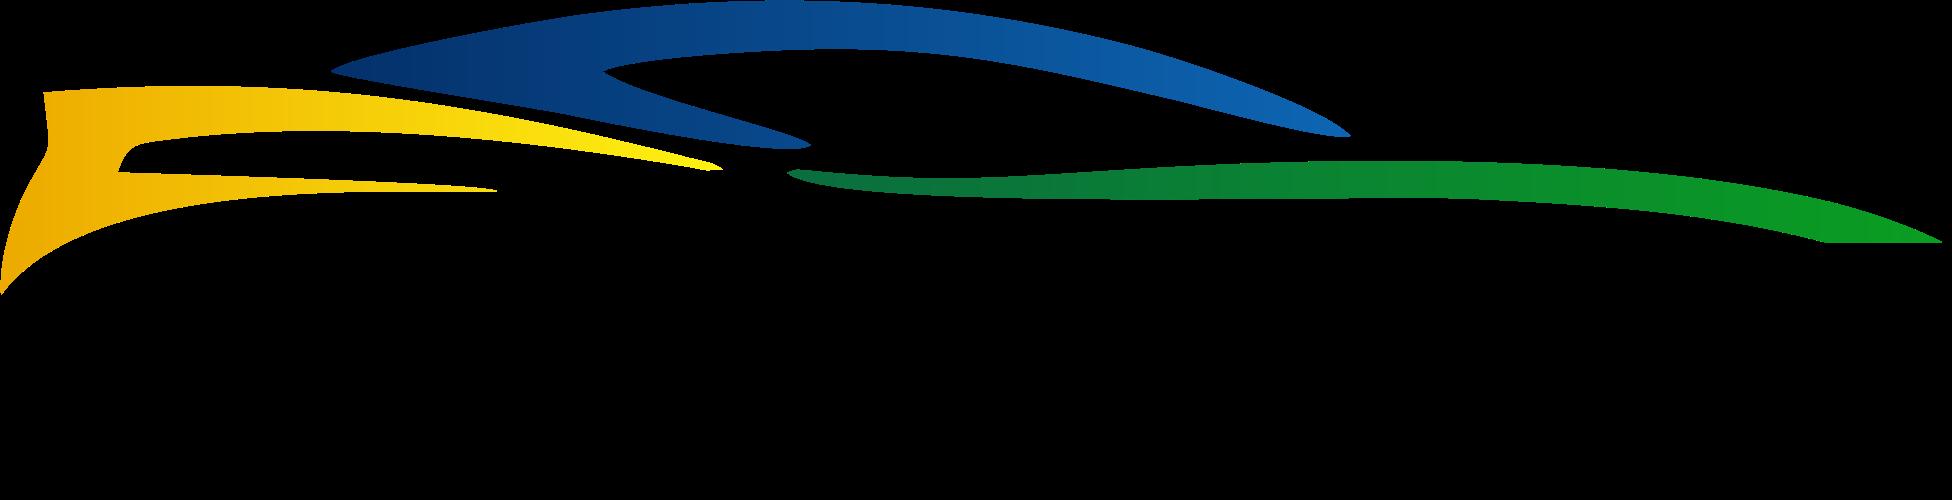 Logo Motorgrid Brasil PRETO PNG.png